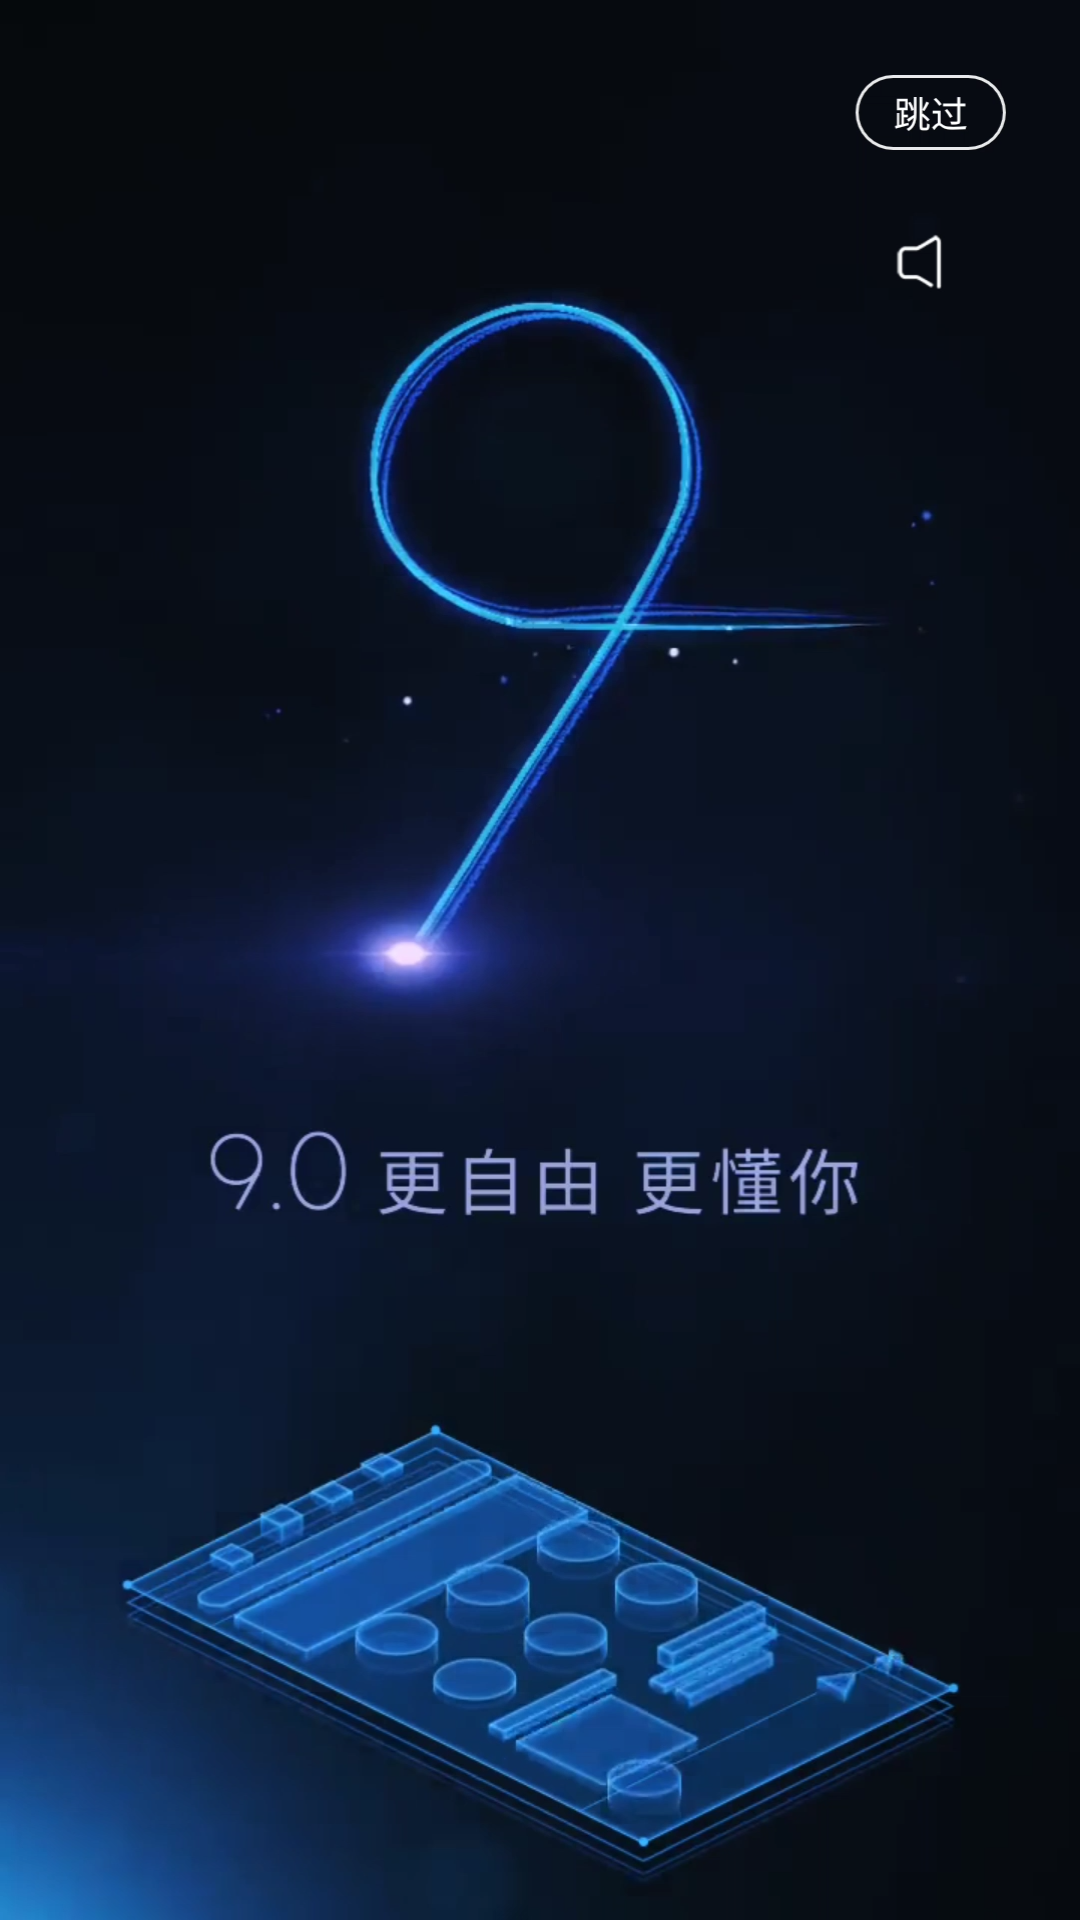 酷狗音乐抢先体验无广告版v10.2.0 清爽版